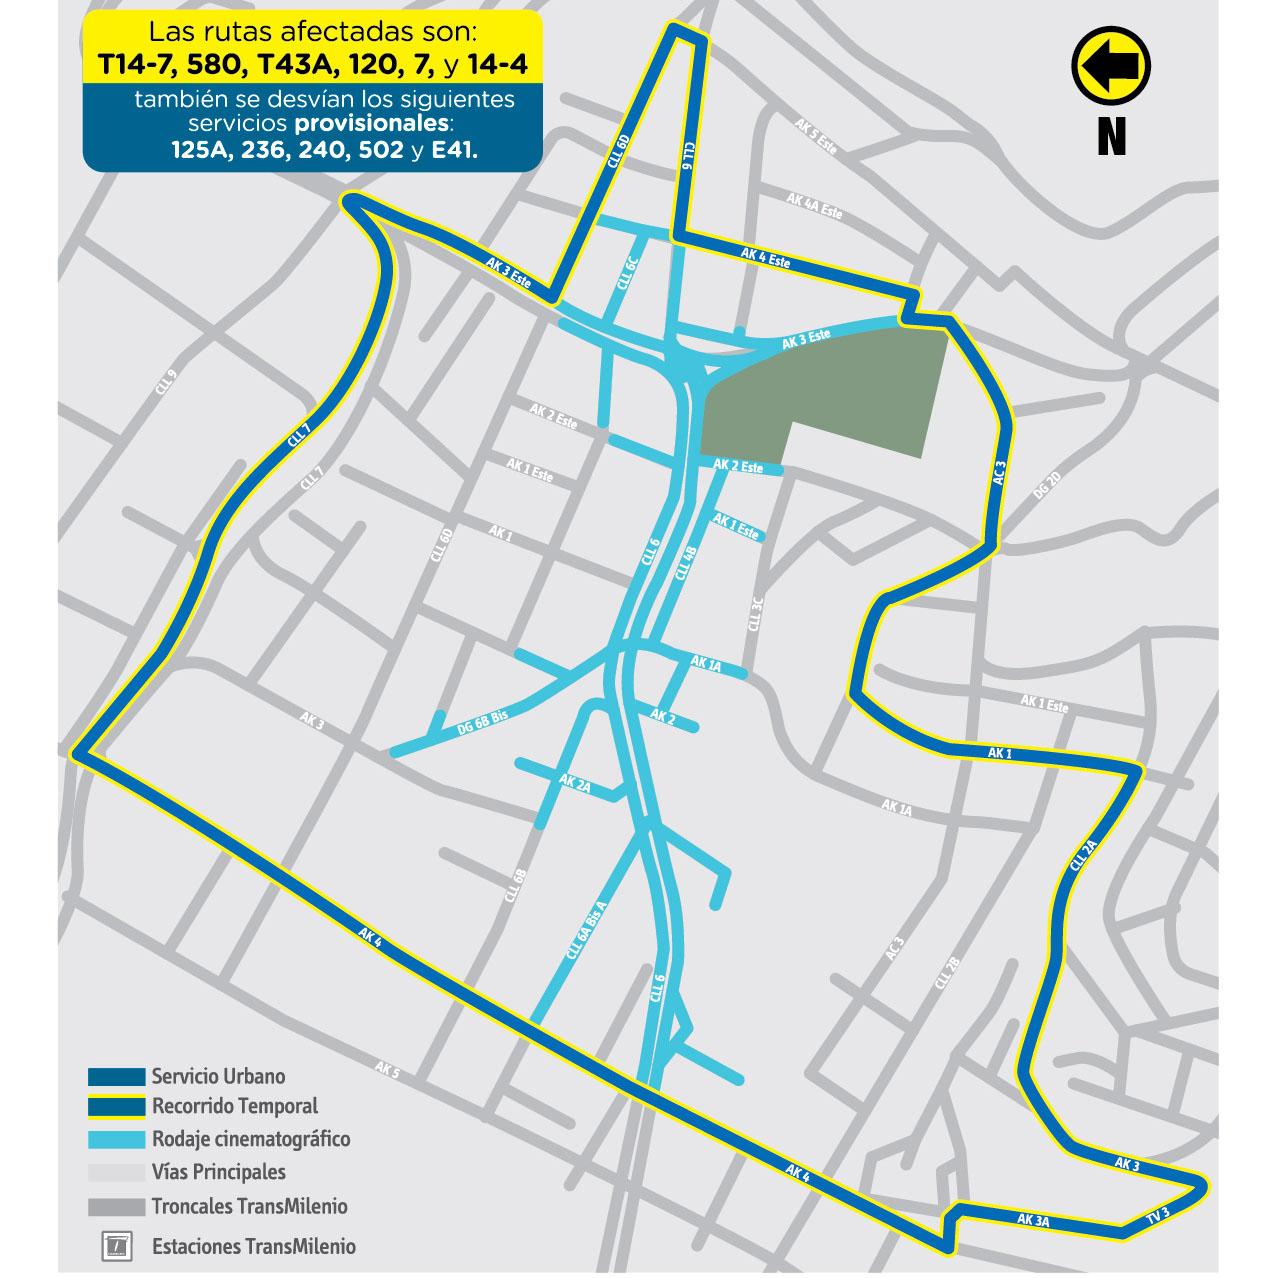 Mapa del desvíos de las rutas urbanas por rodaje de película